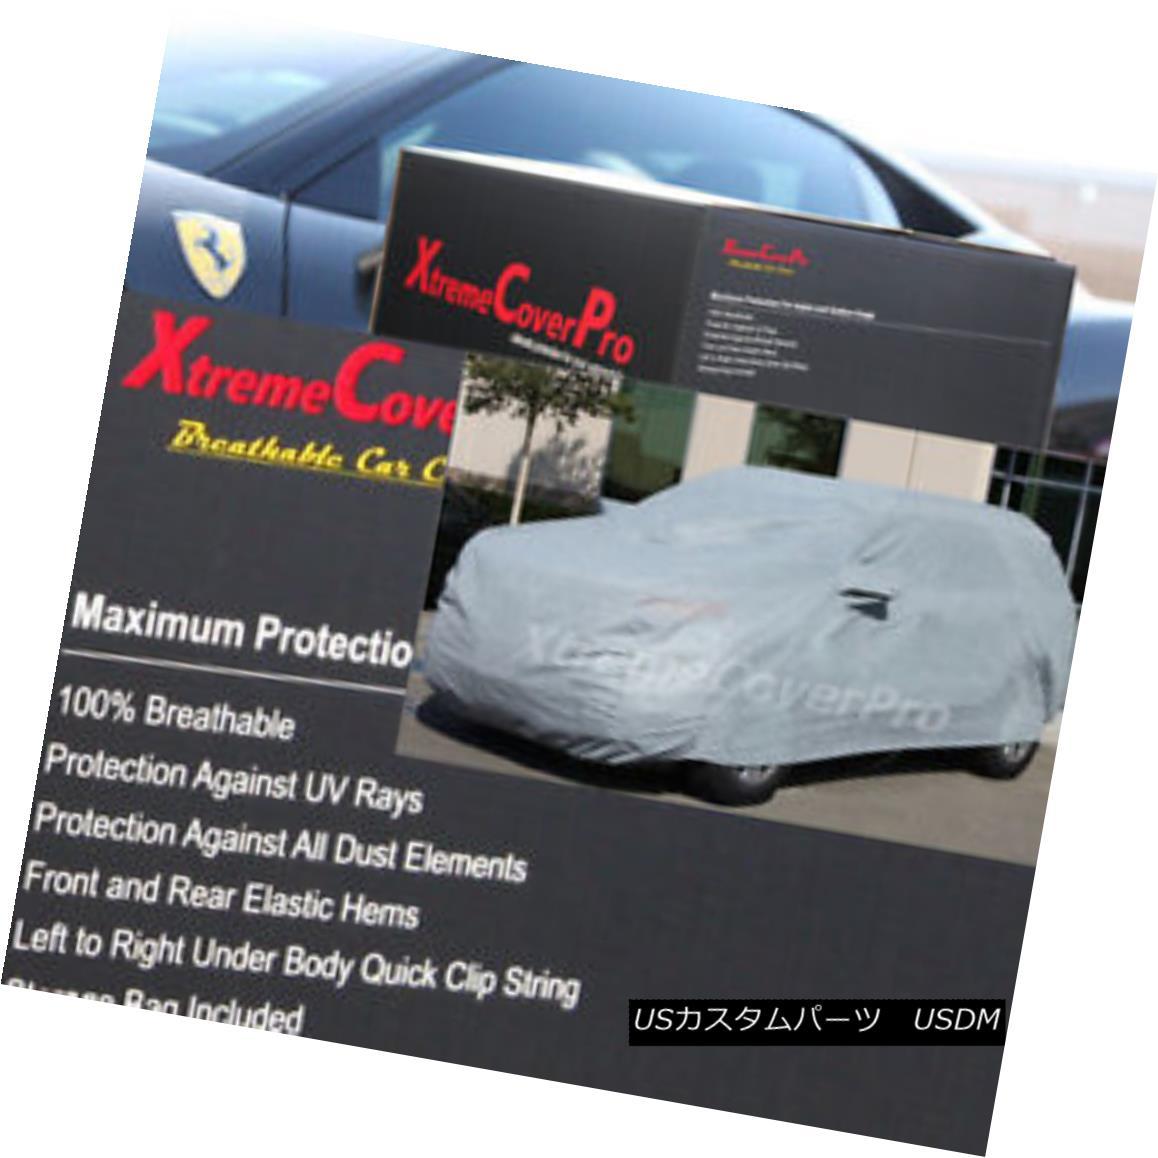 カーカバー 1996 1997 1998 1999 2000 Mitsubishi Montero Breathable Car Cover w/MirrorPocket 1996年1997年1998年1999年2000年三菱モンテロ通気性車カバー付きMirrorPocket